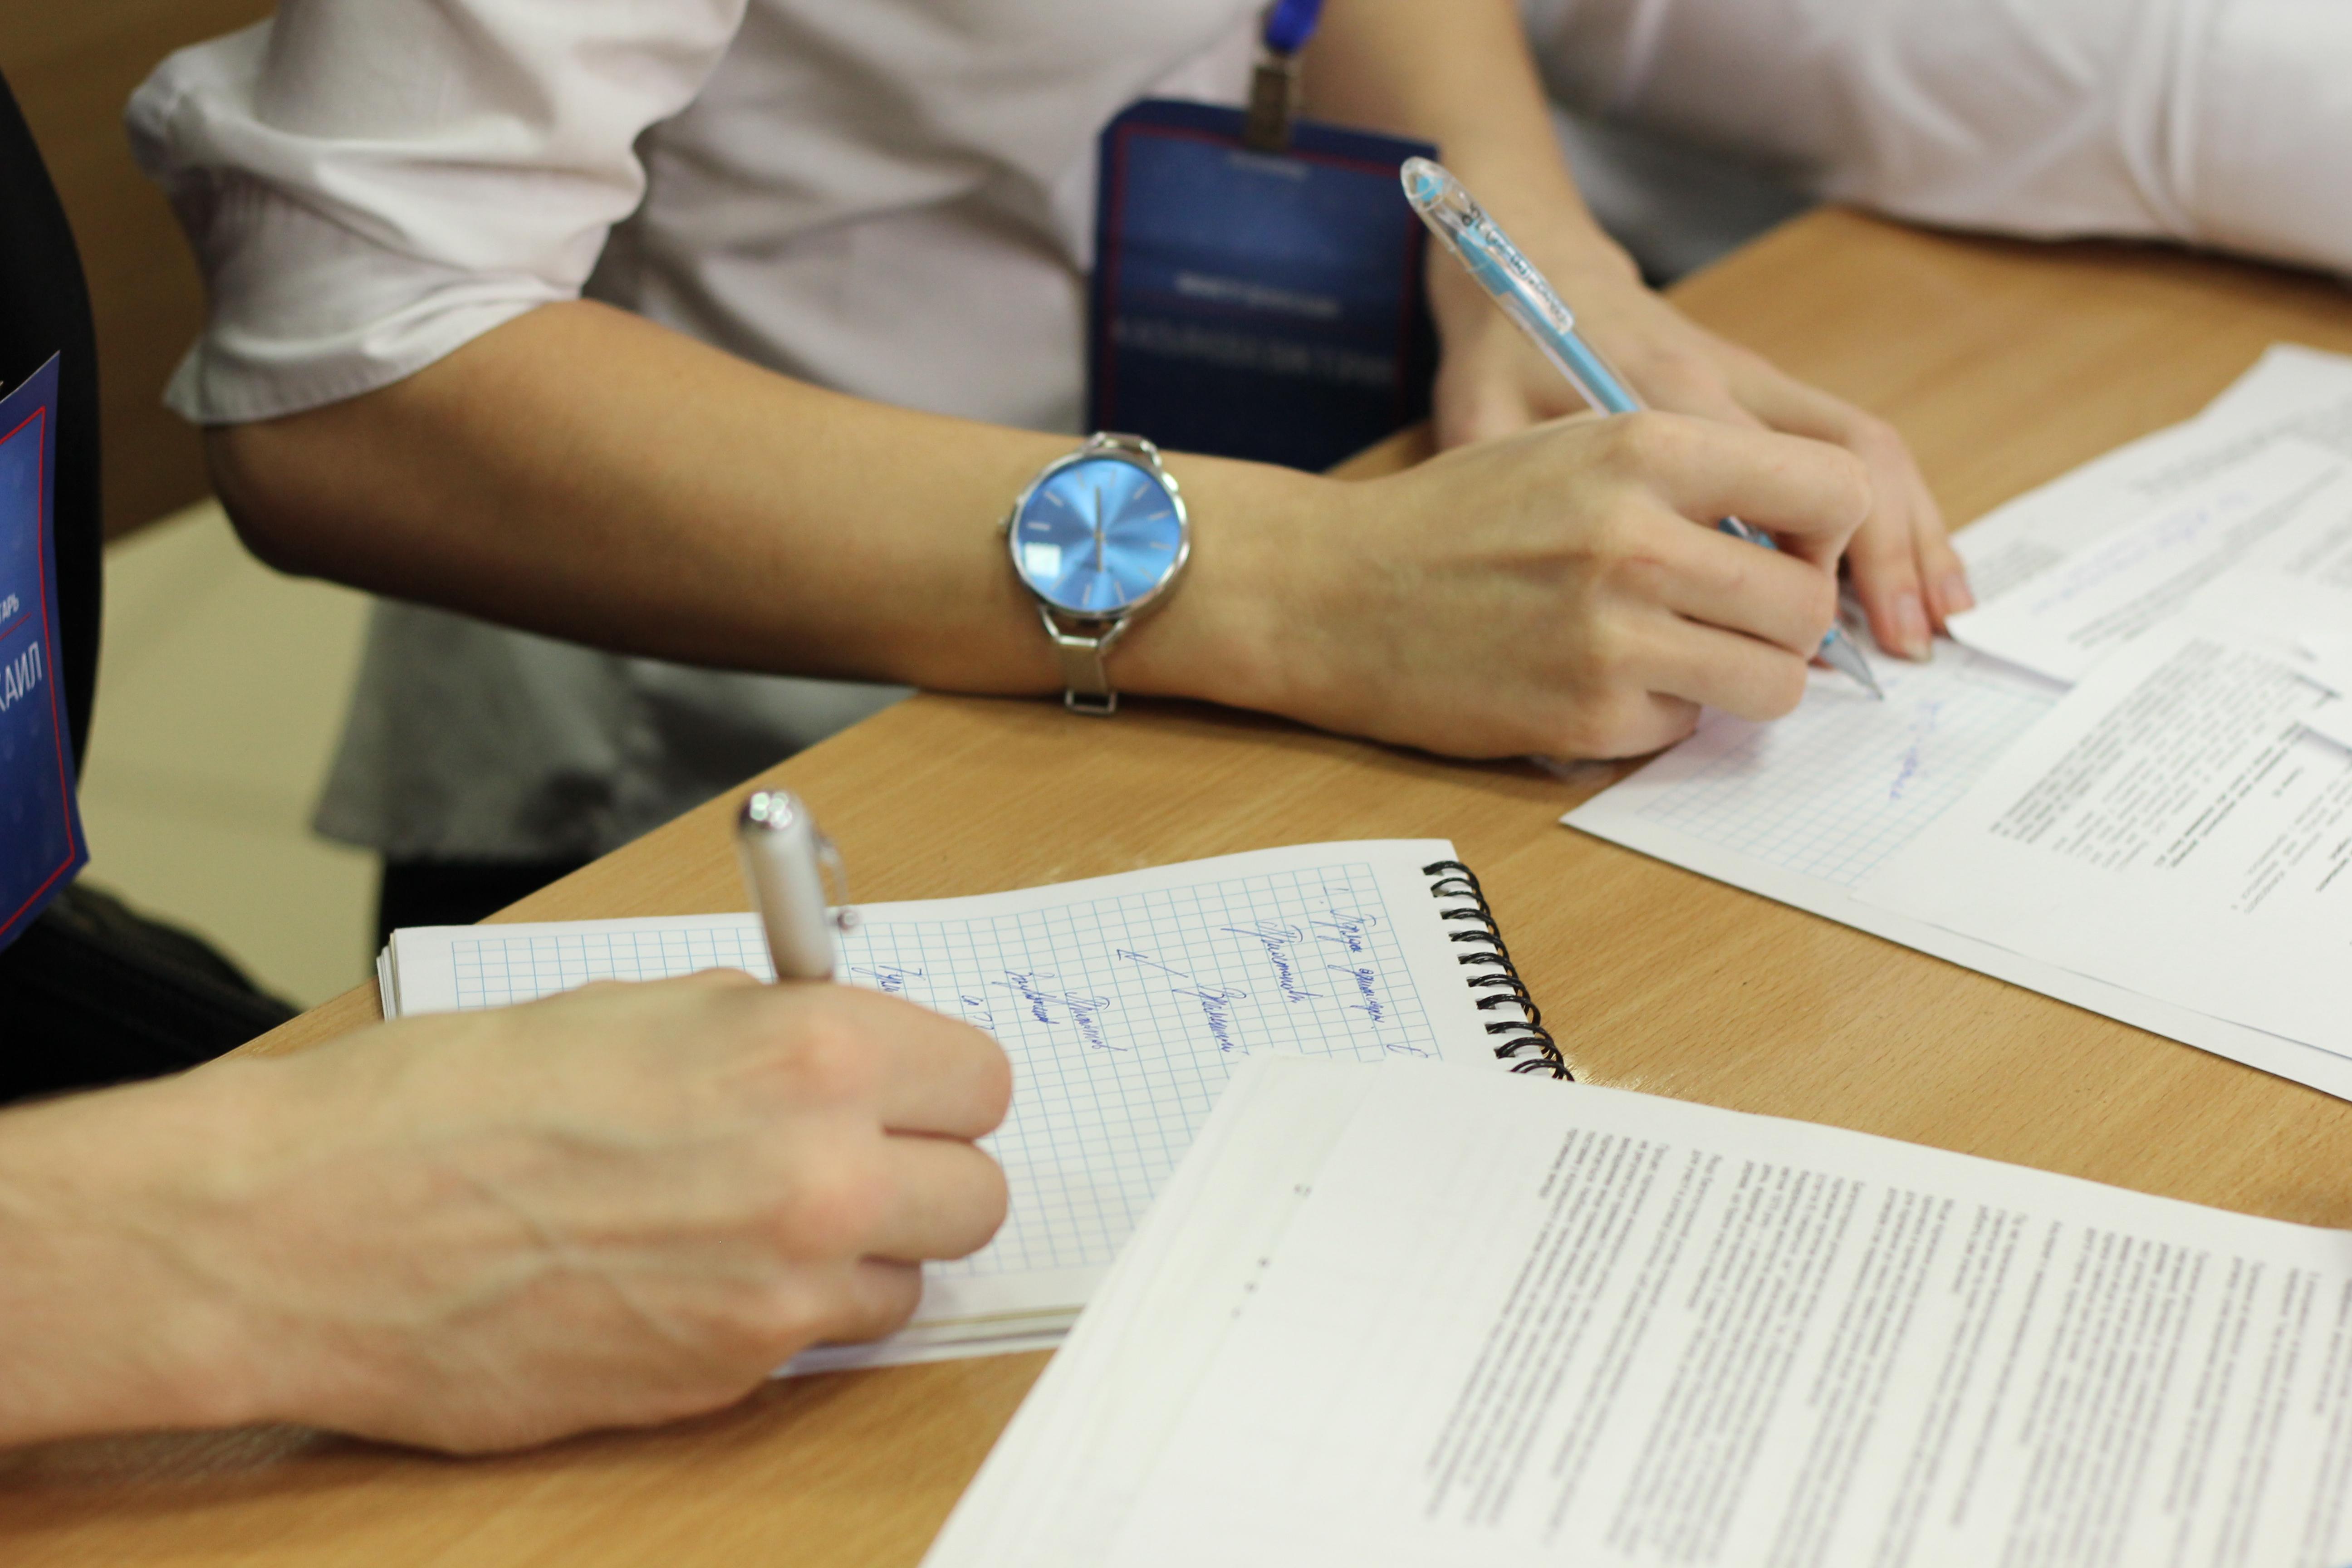 В економічному університеті пройде семінар з експорту продукції